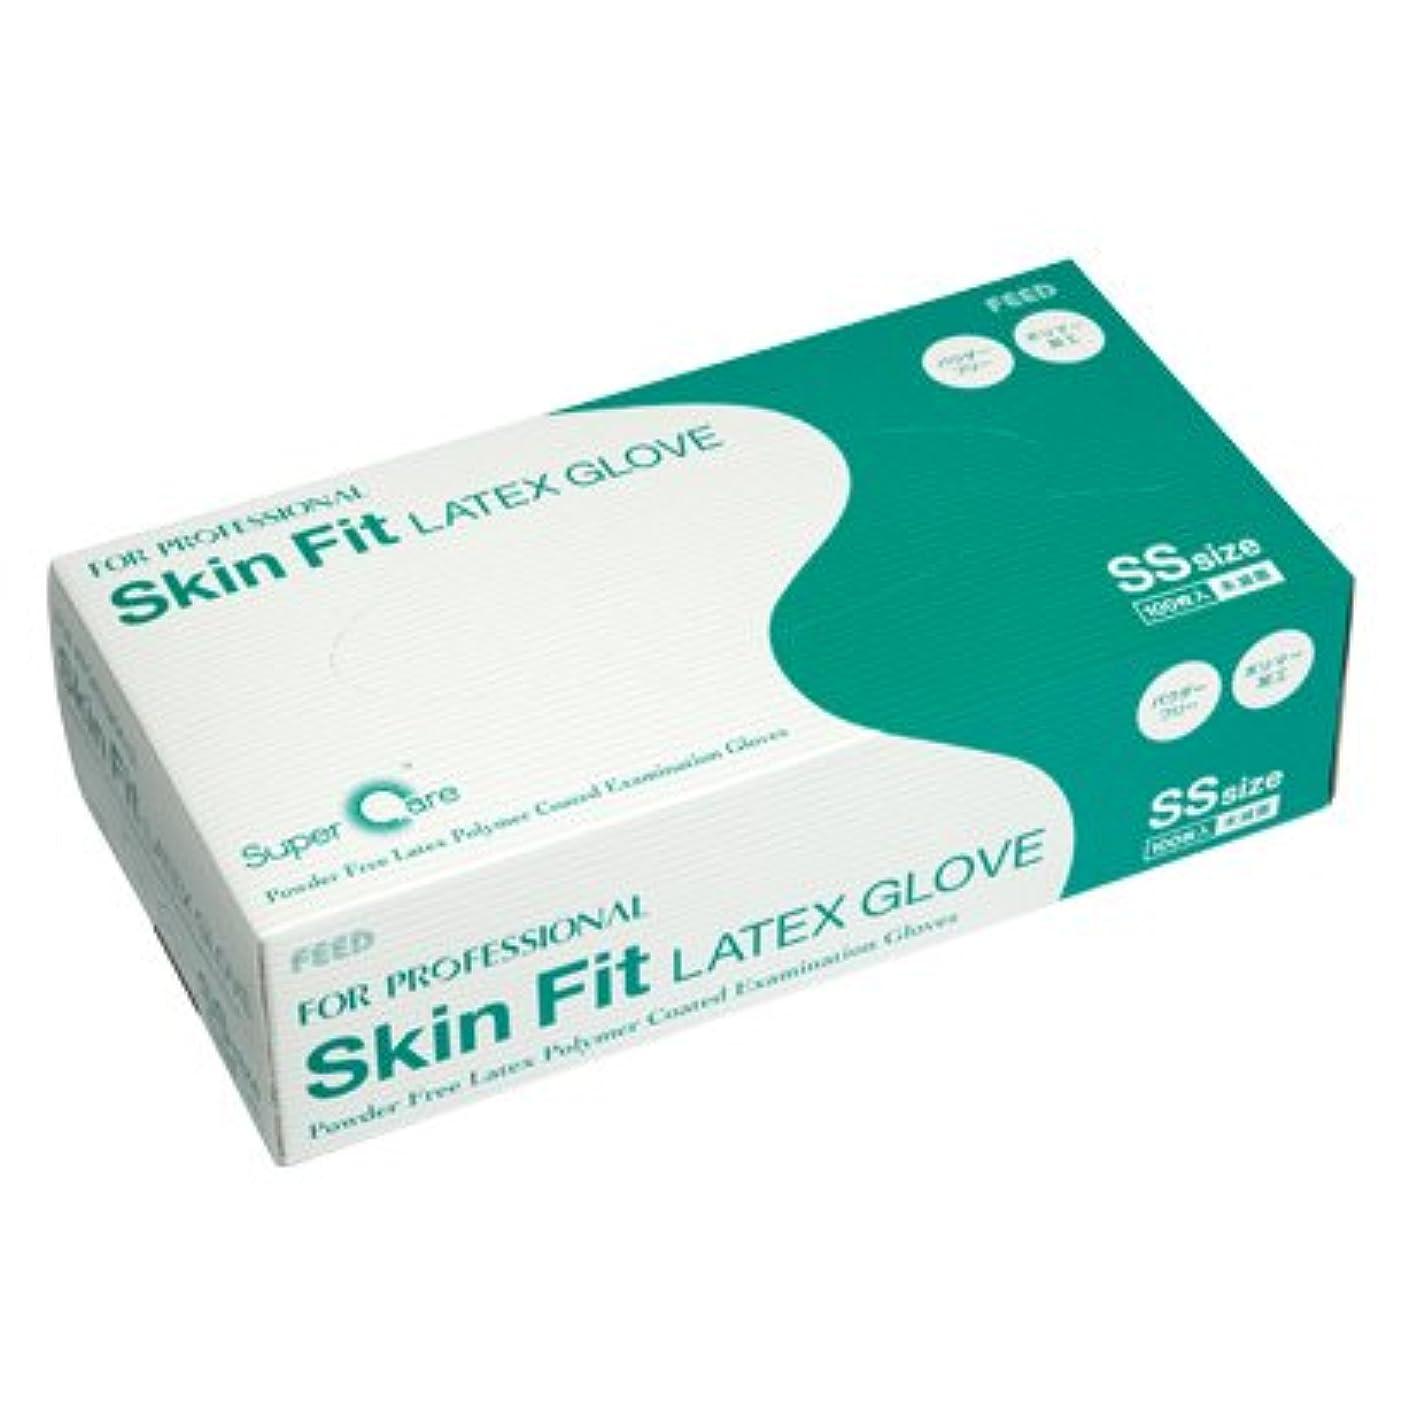 膨らませるクリスマススティックFEED(フィード) Skin Fit ラテックスグローブ パウダーフリー ポリマー加工 SS カートン(10ケース) (医療機器)